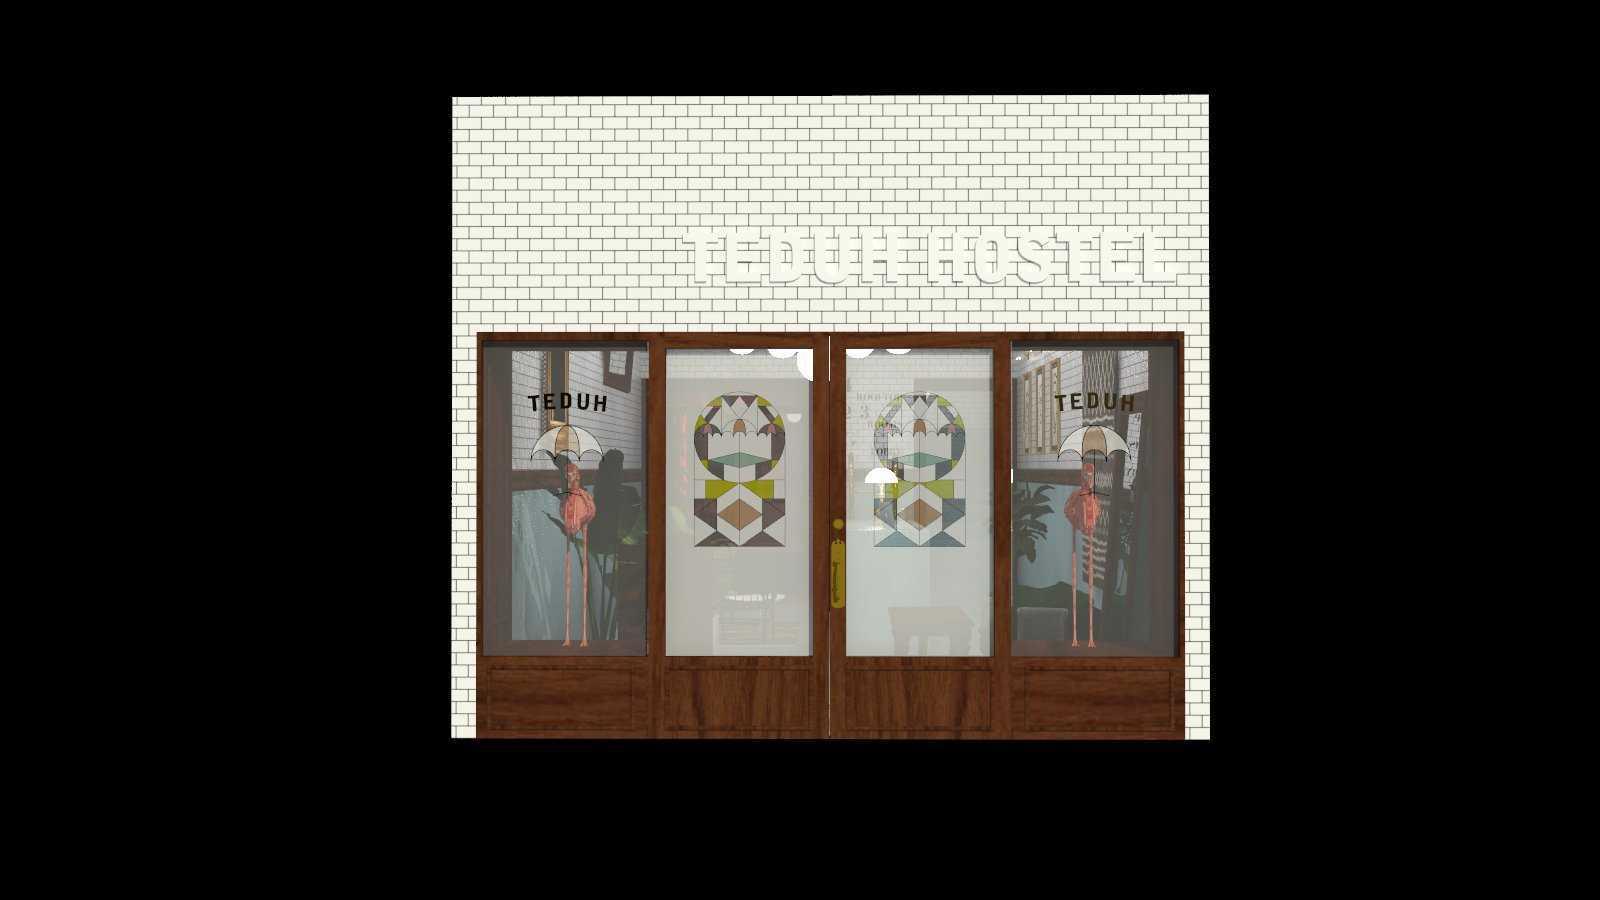 Design Donk Teduh Hostel Lobby Kota Tua, Mangga Besar, Kec. Taman Sari, Kota Jakarta Barat, Daerah Khusus Ibukota Jakarta, Indonesia Kota Tua, Mangga Besar, Kec. Taman Sari, Kota Jakarta Barat, Daerah Khusus Ibukota Jakarta, Indonesia Design-Donk-Teduh-Hostel-Lobby  99188